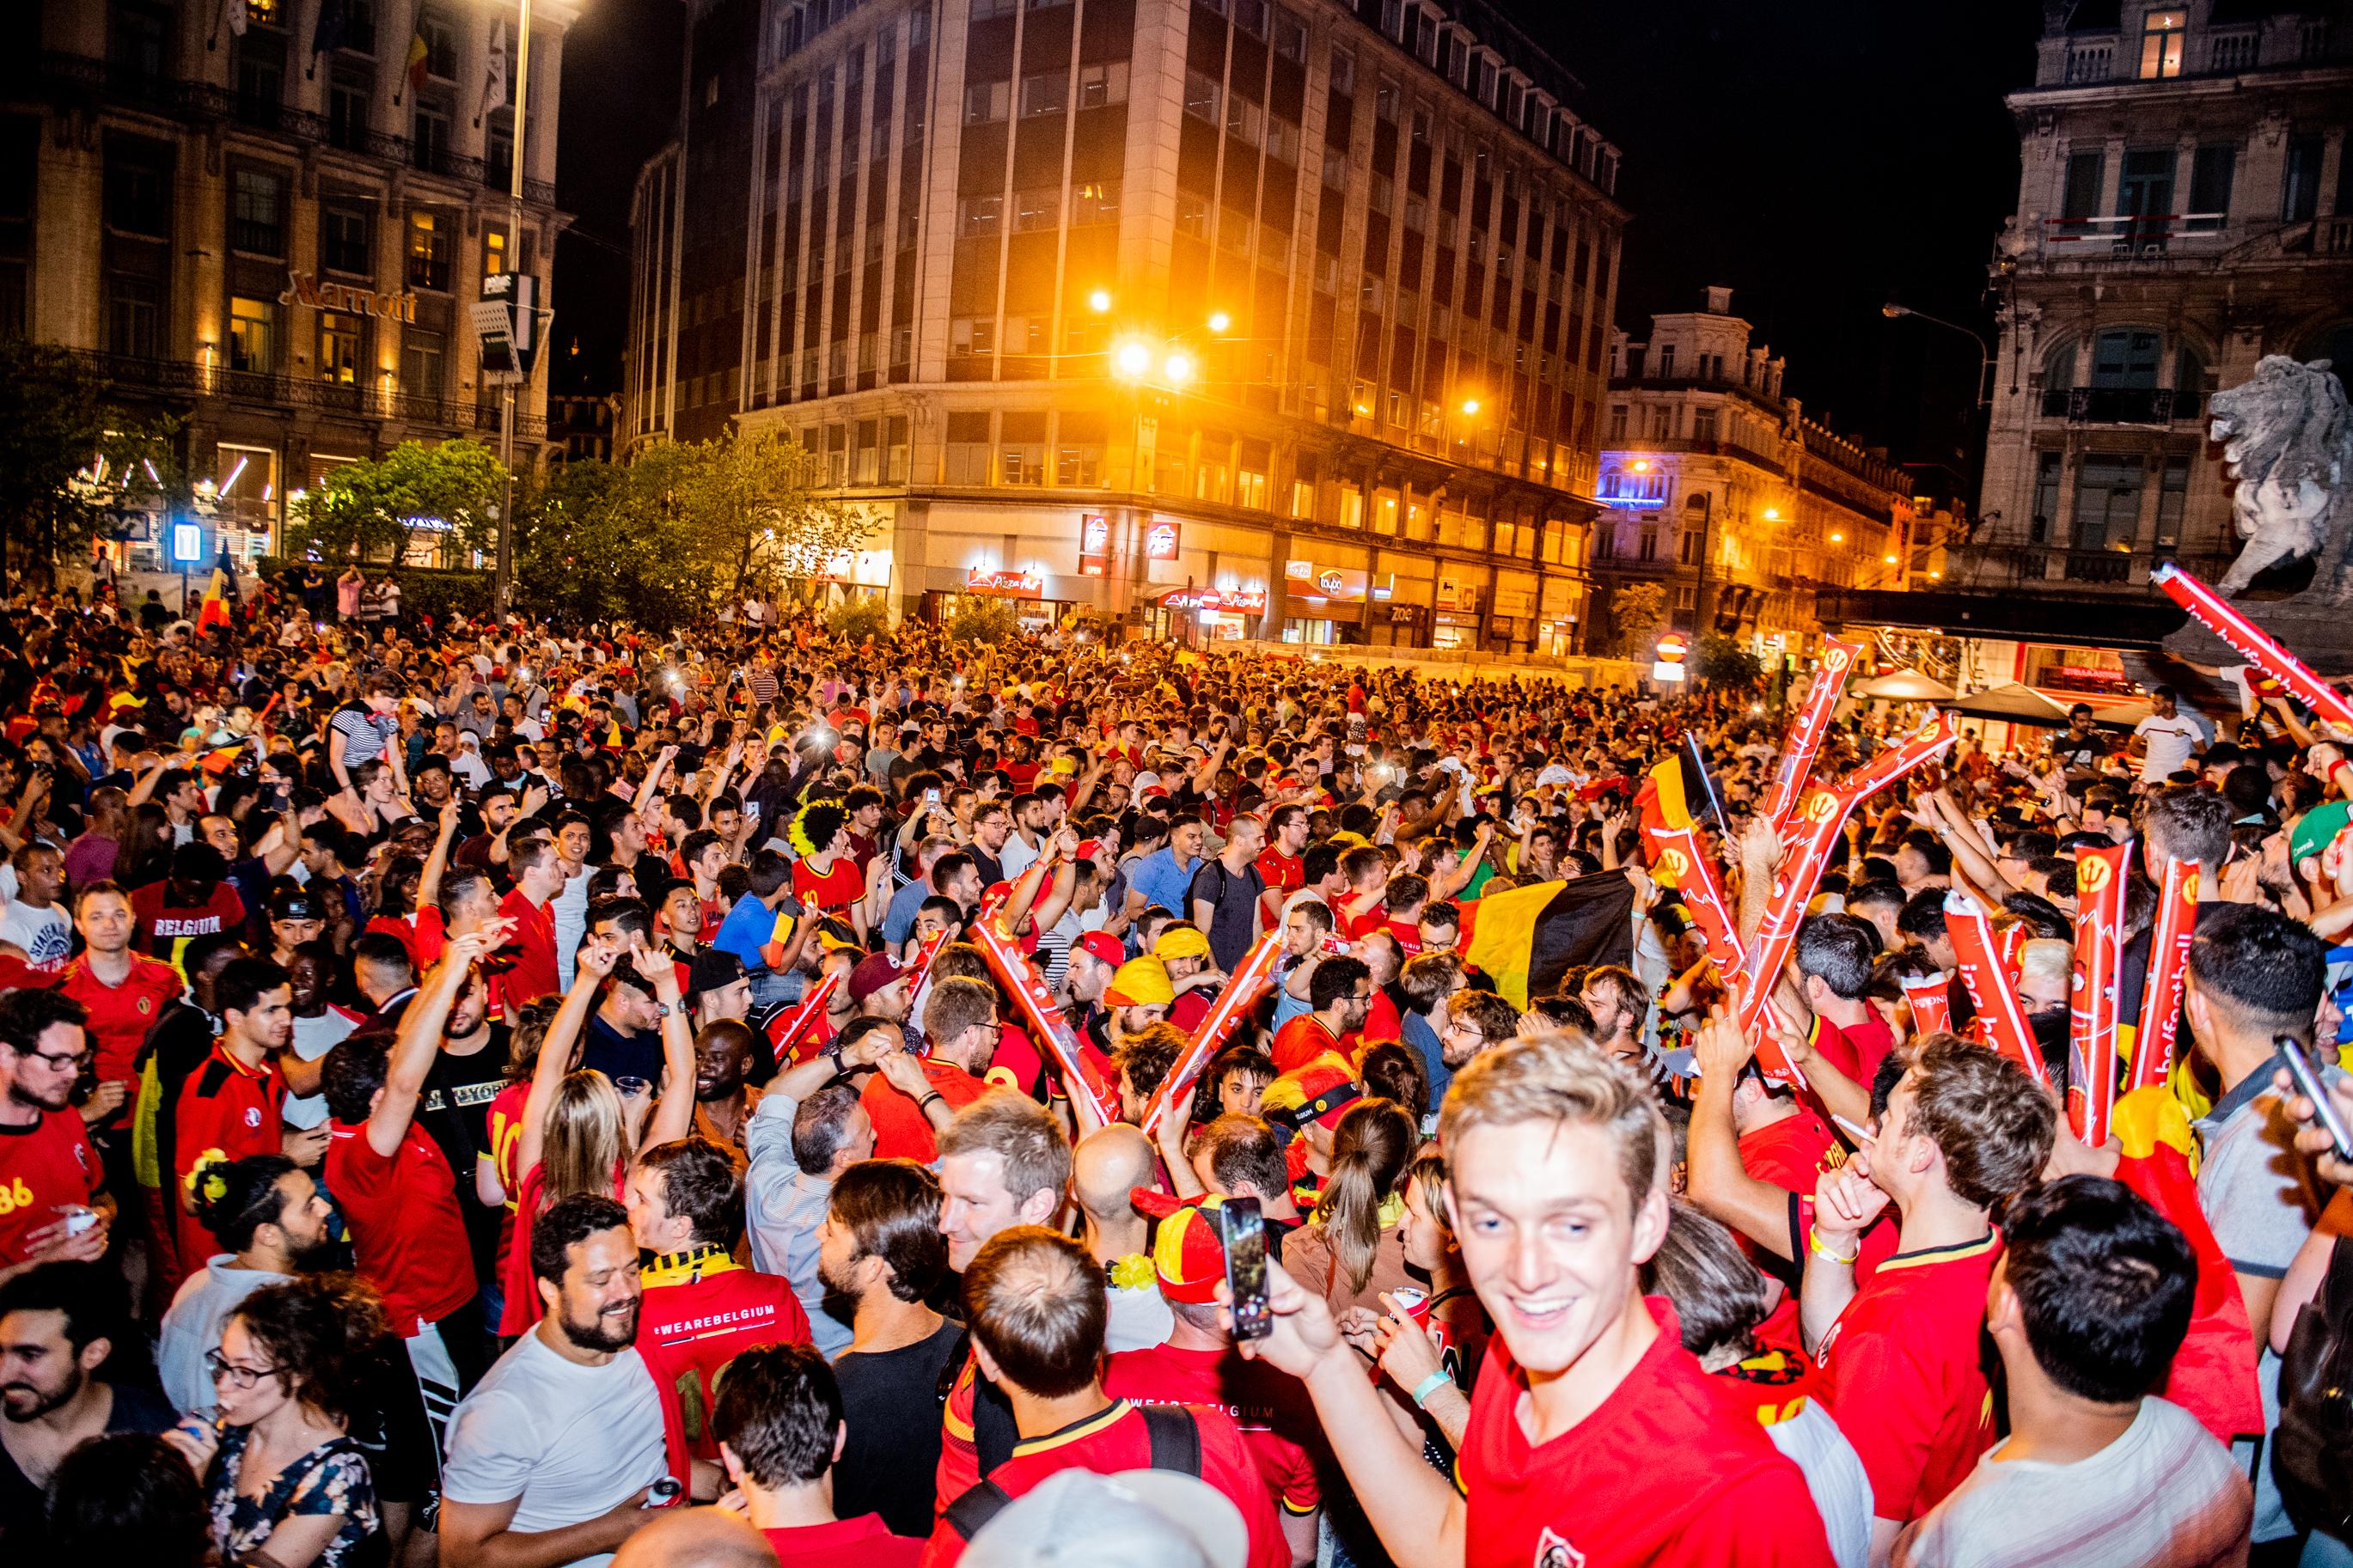 BRUXELLES, Coupe Du Monde Bresilie Belgique Quart De Finale Ambiance Supporters Devant La Bourse Bruxelles.GOLINVAUX MATHIEU./LESOIR